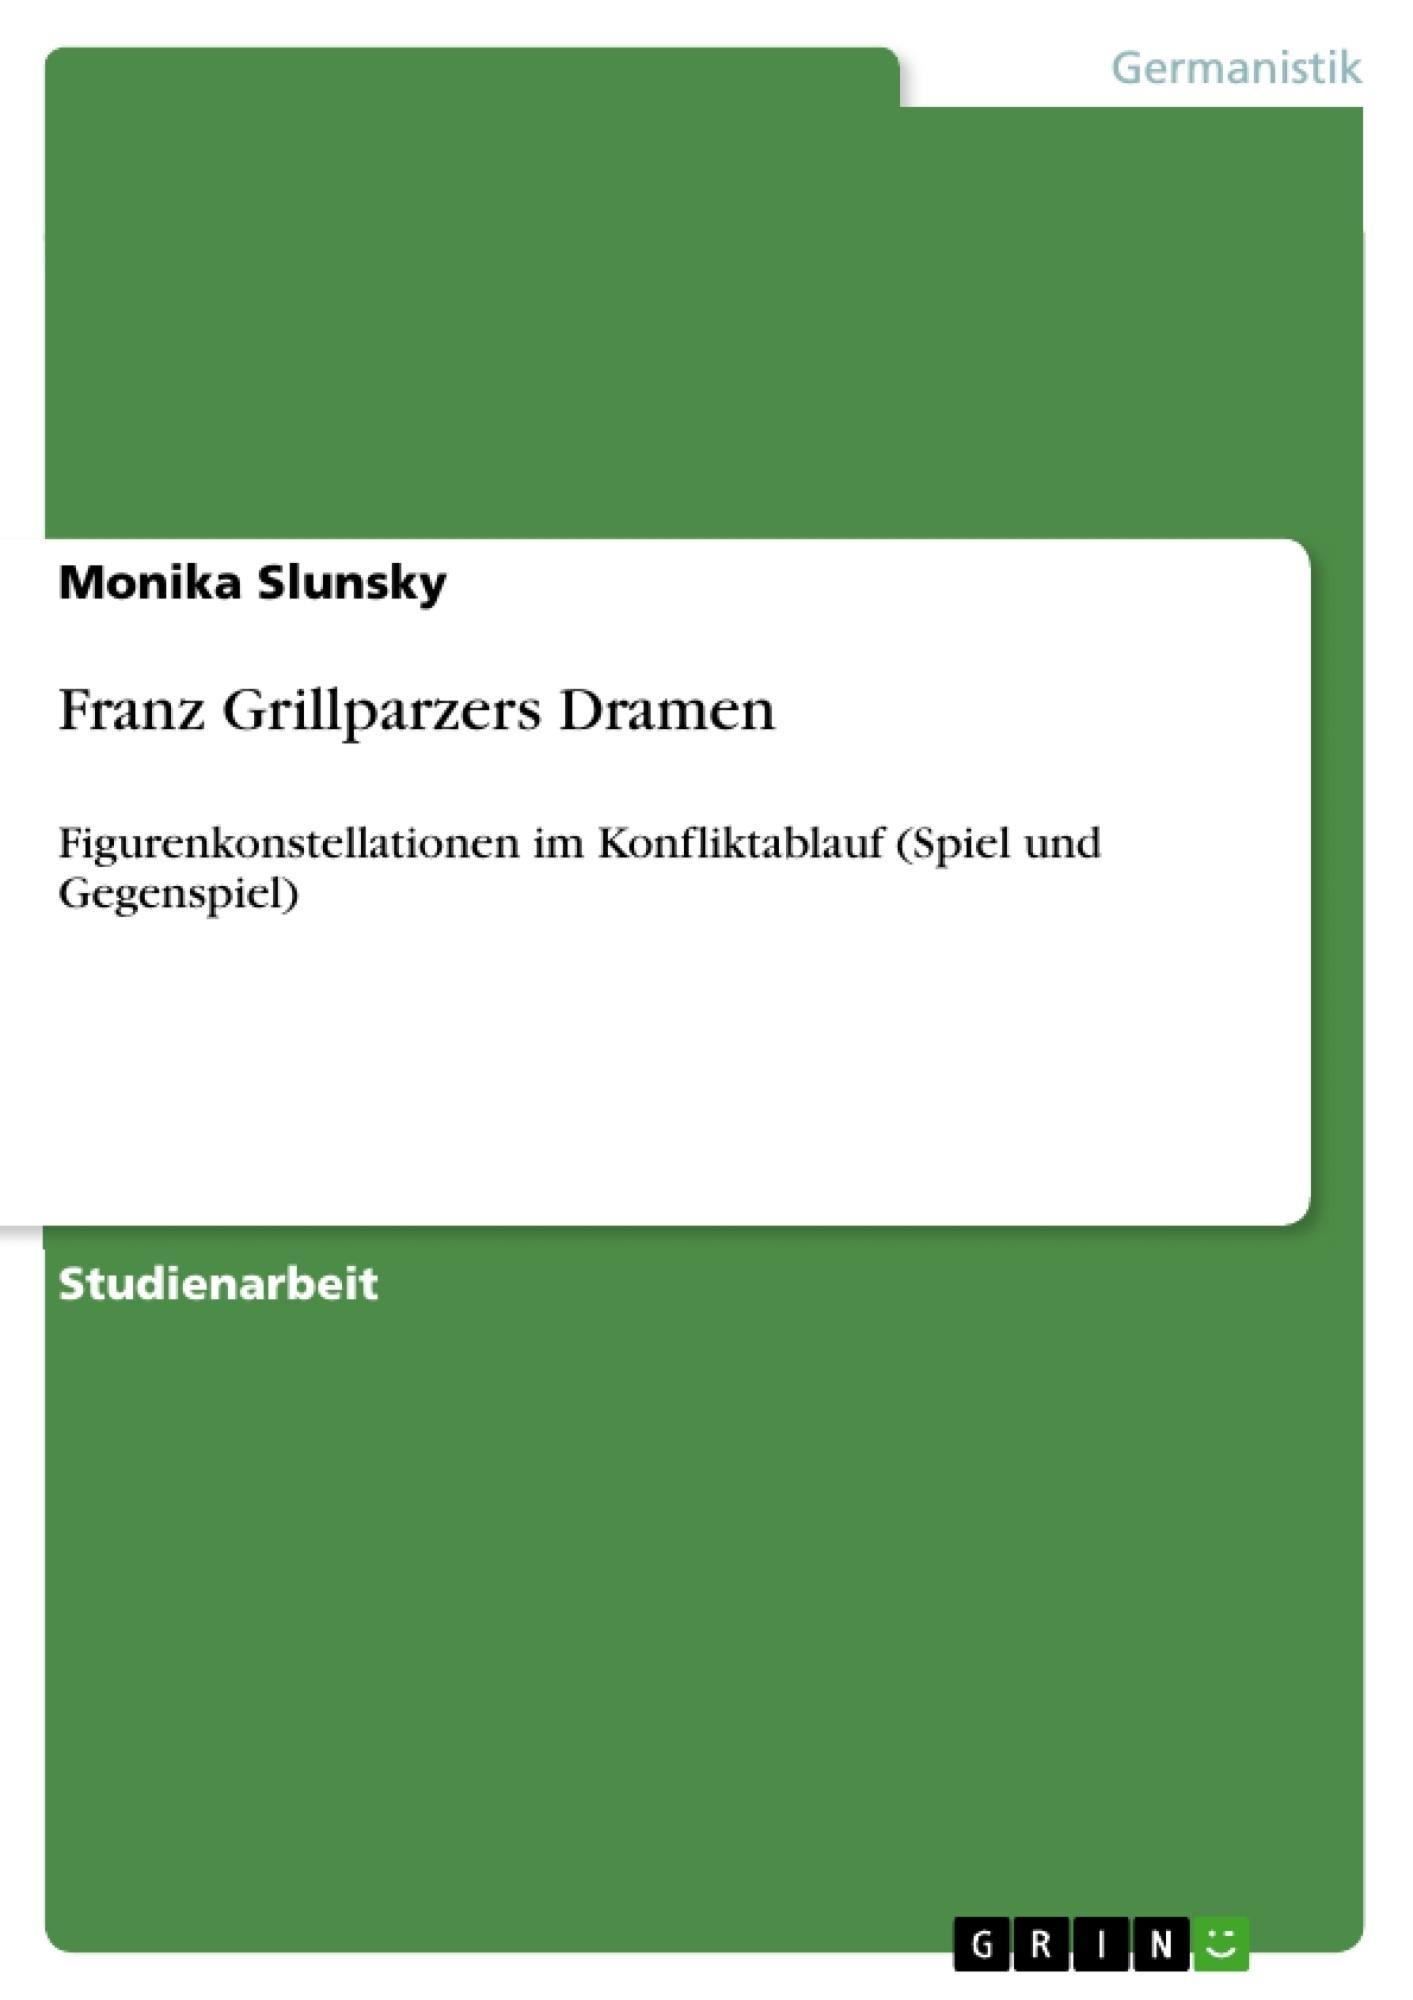 Titel: Franz Grillparzers Dramen